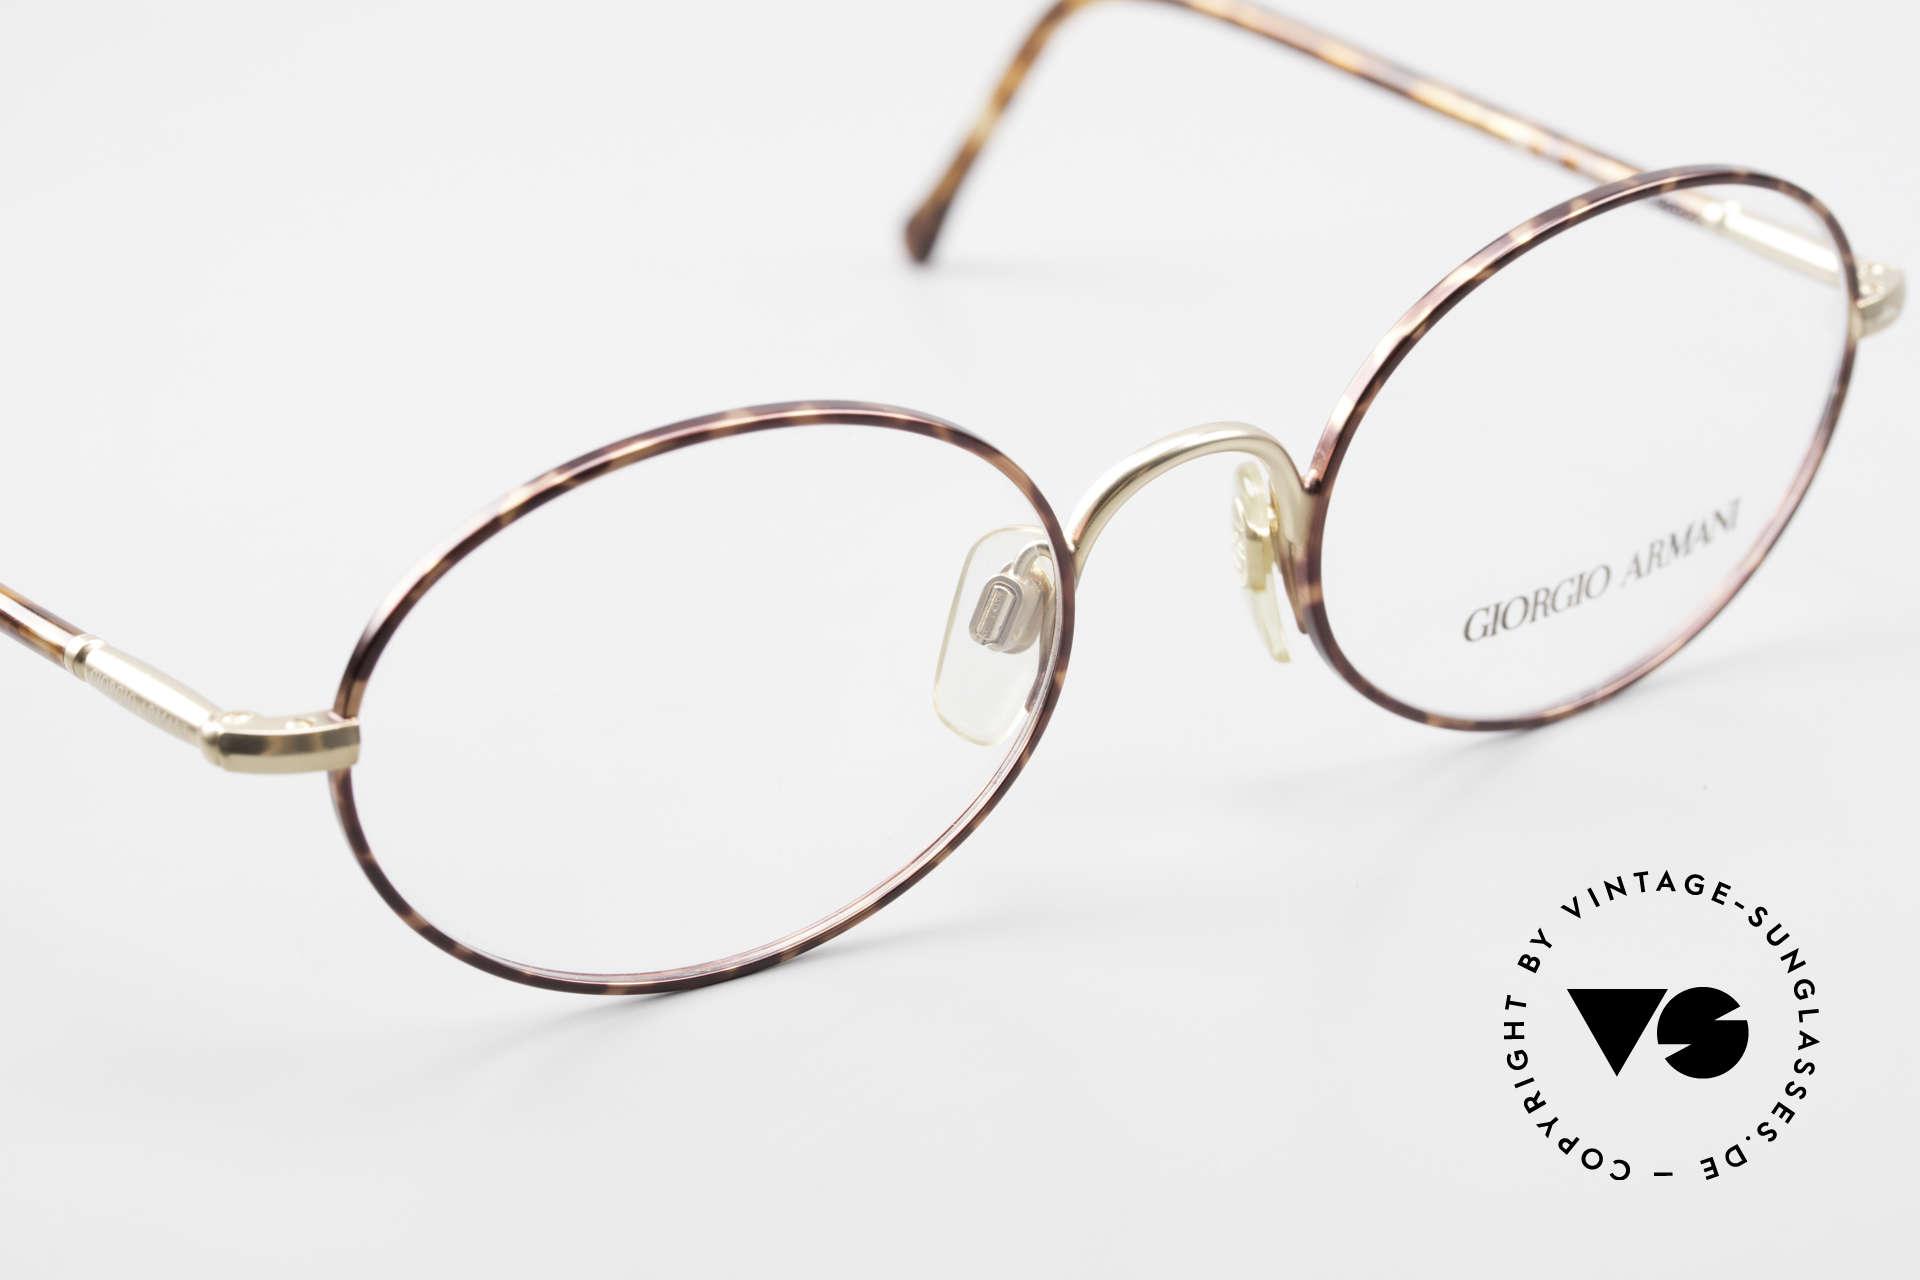 Giorgio Armani 189 Ovale Designerbrille 1990er, KEINE Retromode, sondern ein altes Armani-Original, Passend für Herren